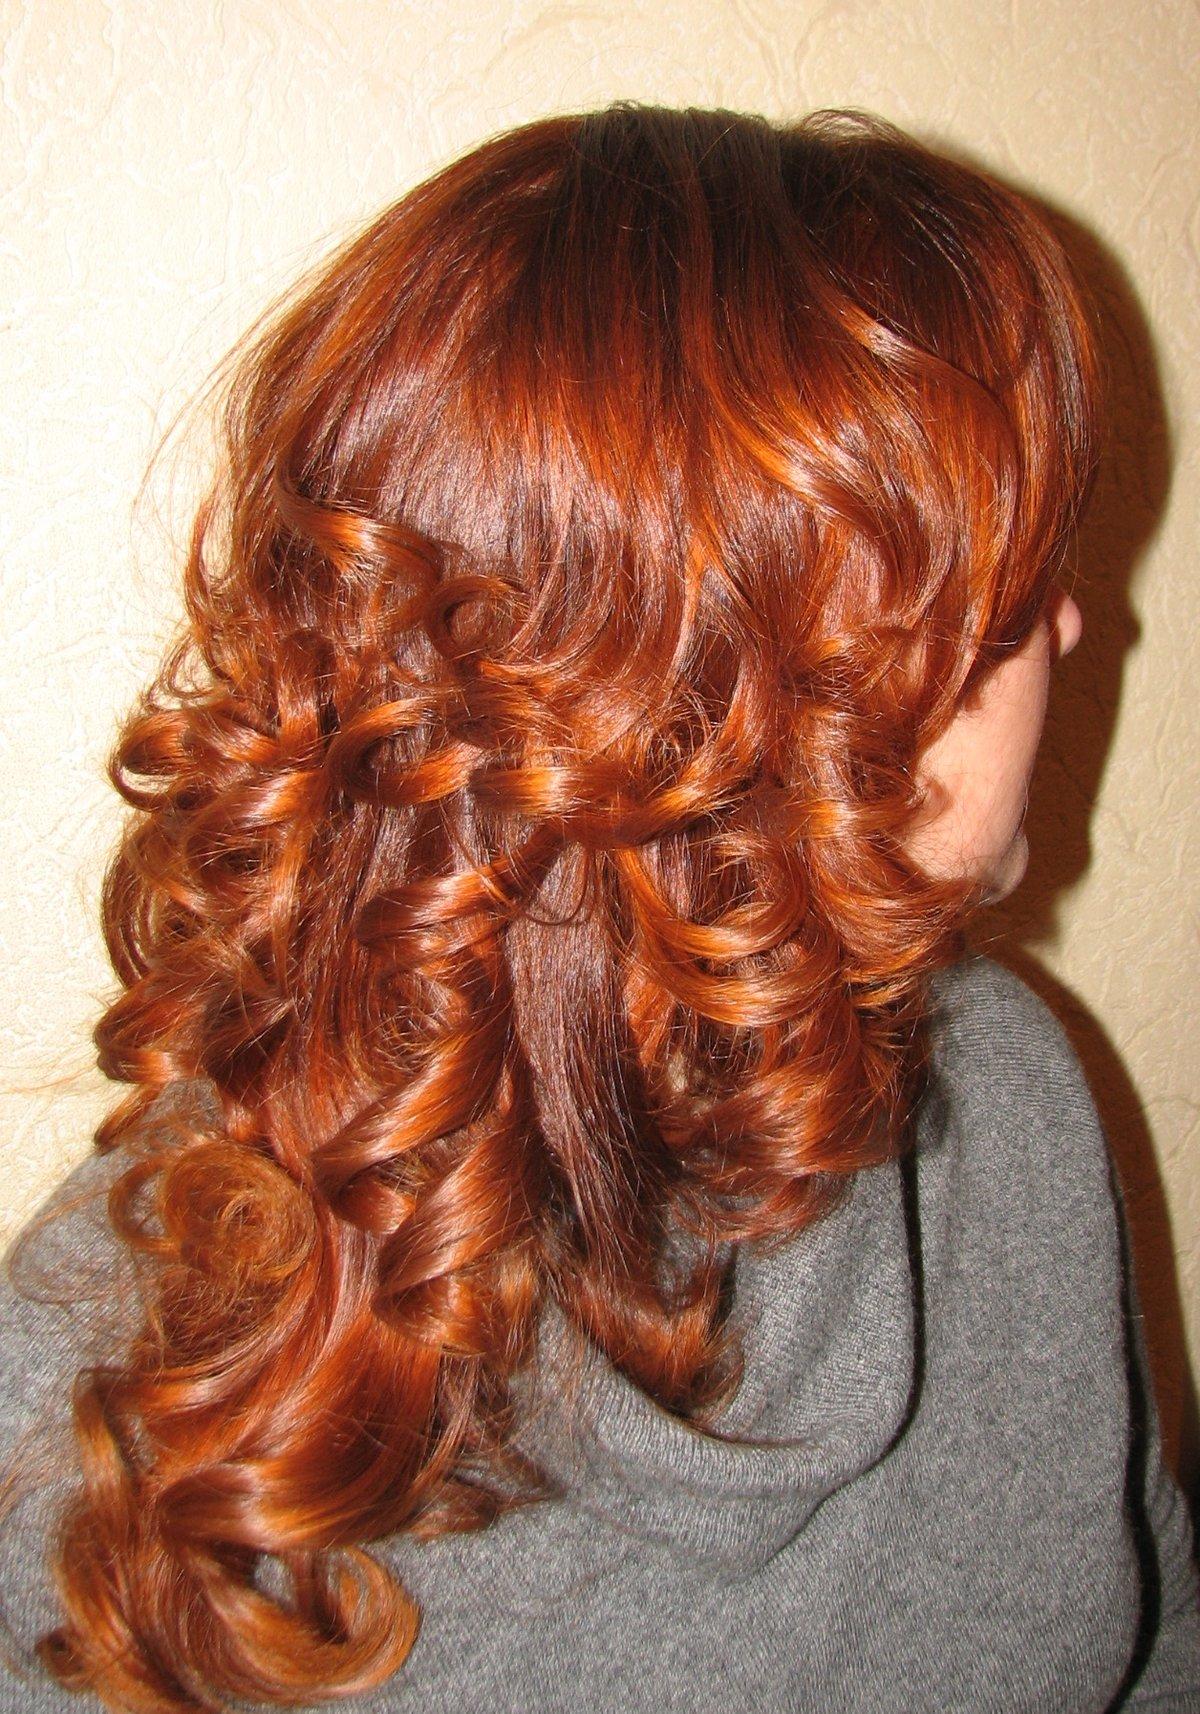 Как покрасить волосы в домашних условиях хной в черный цвет